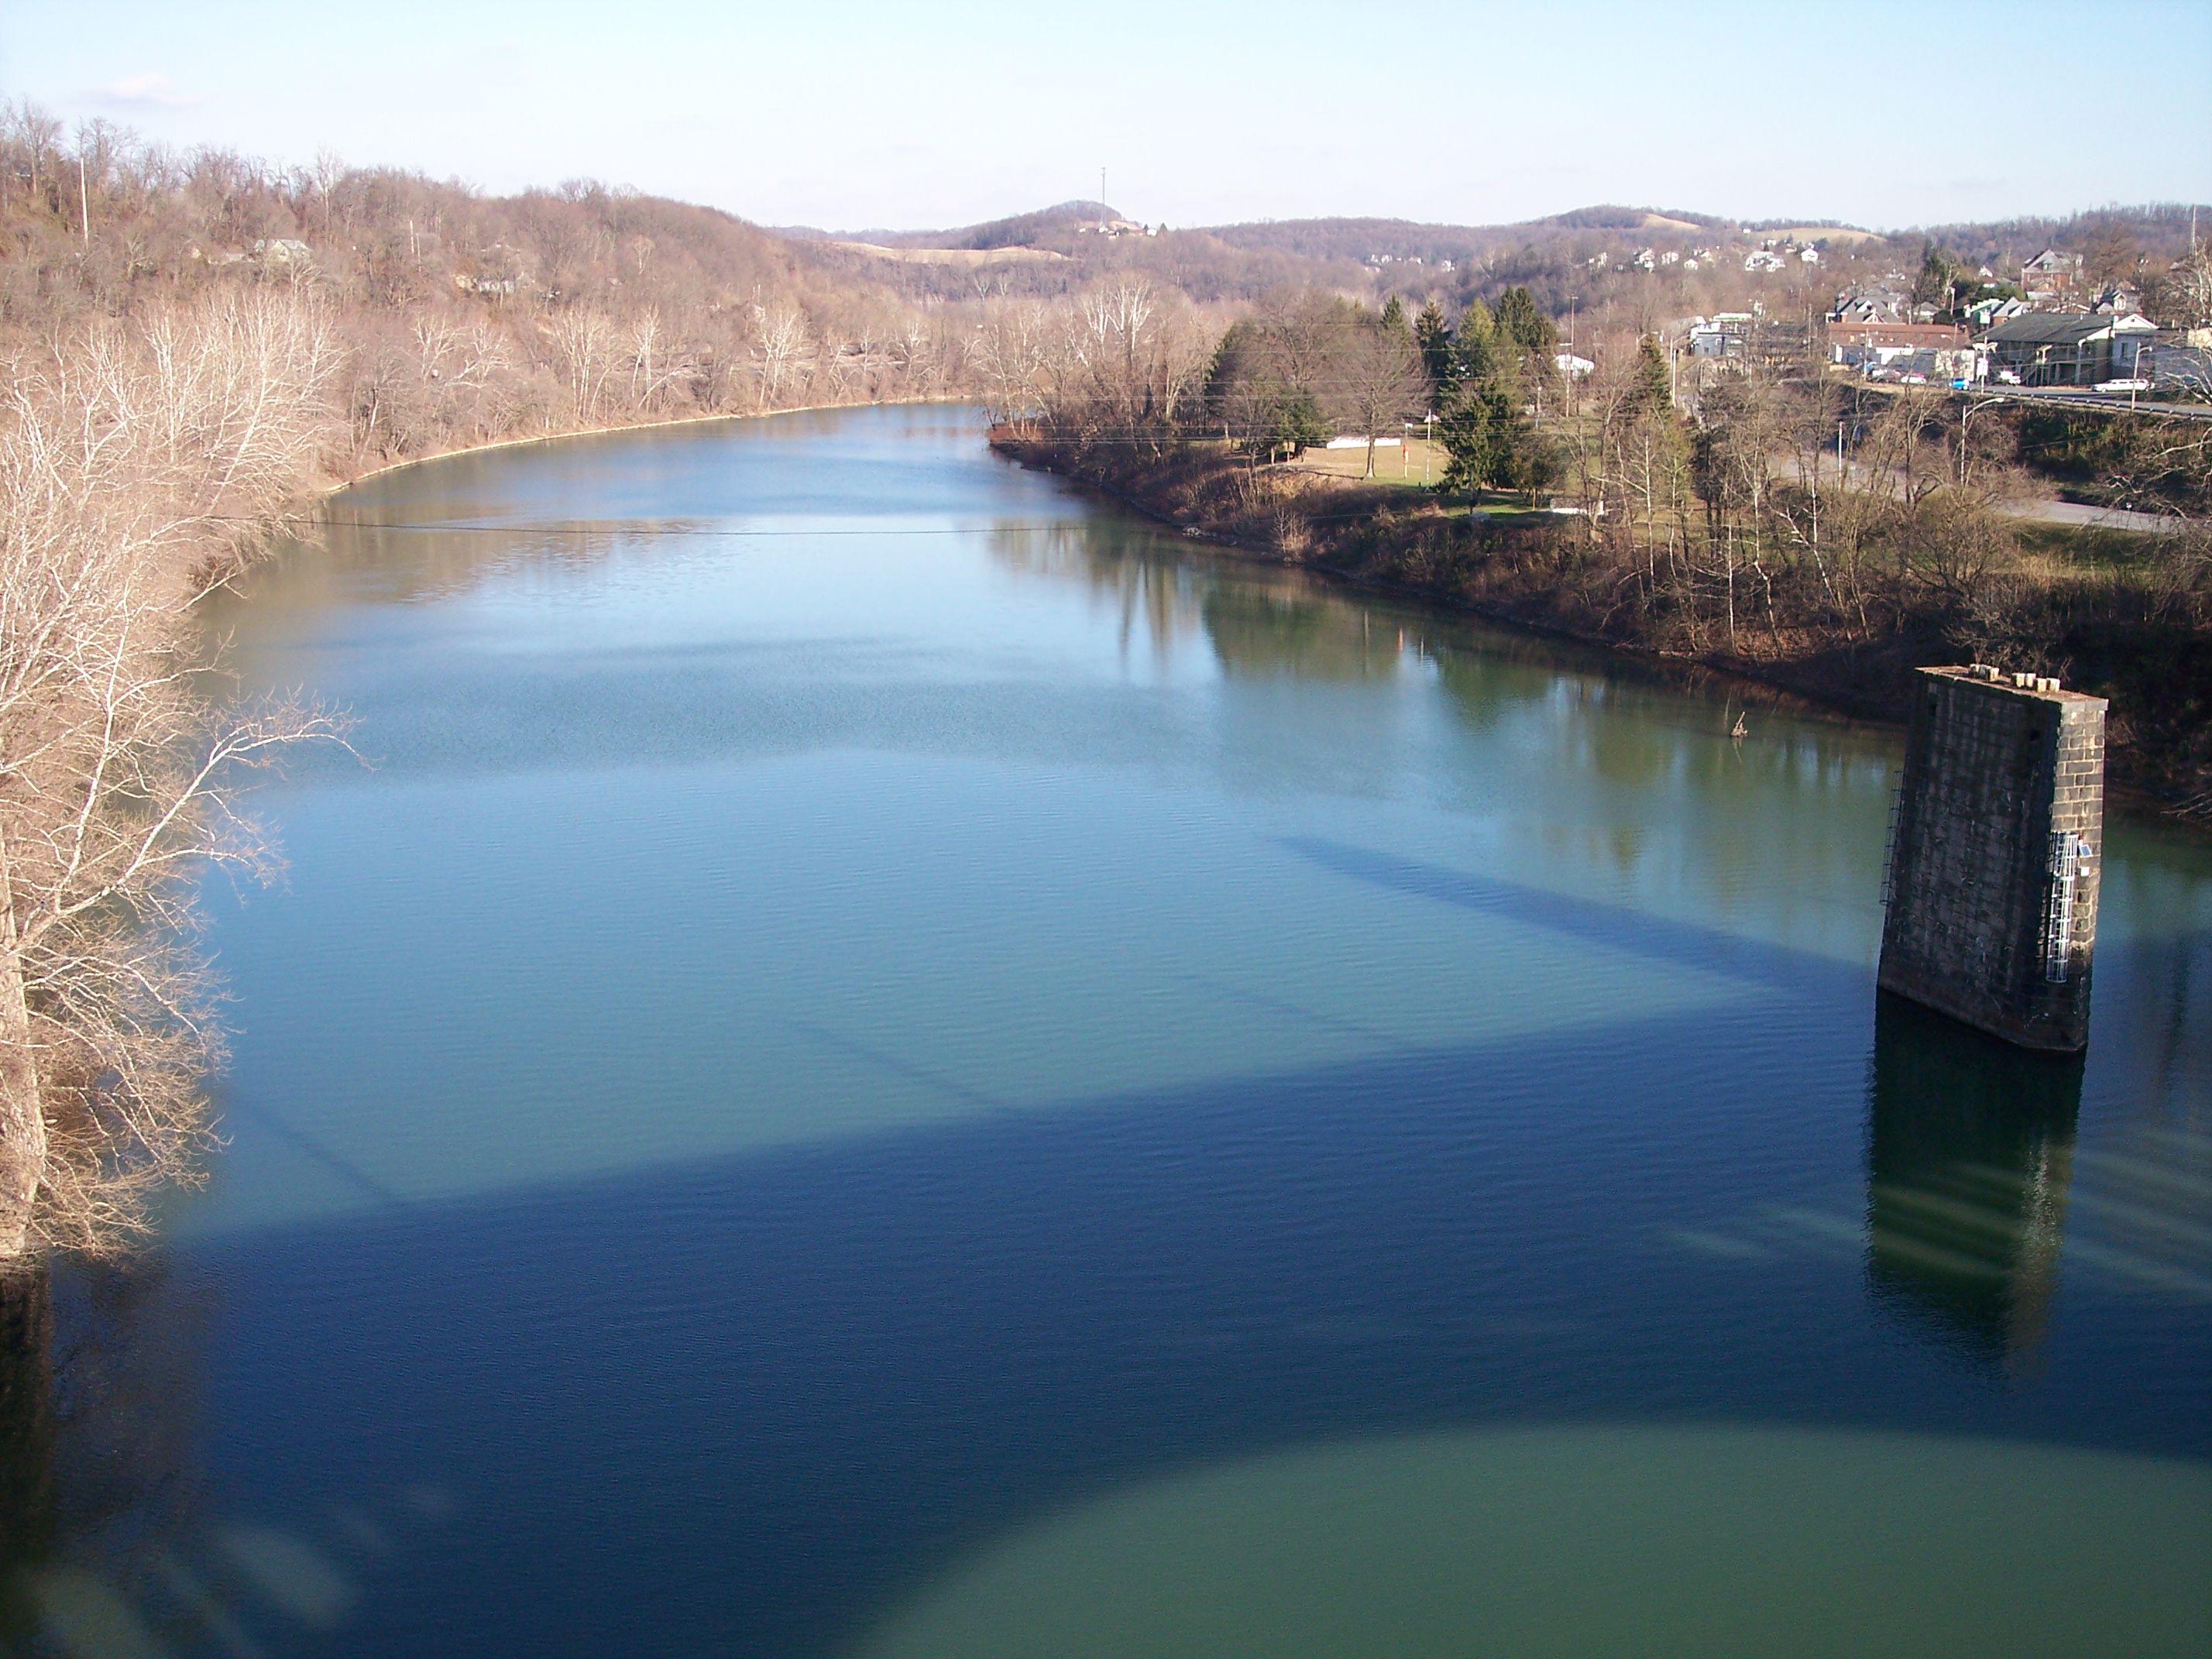 Monongahela River Fairmont West Virginia